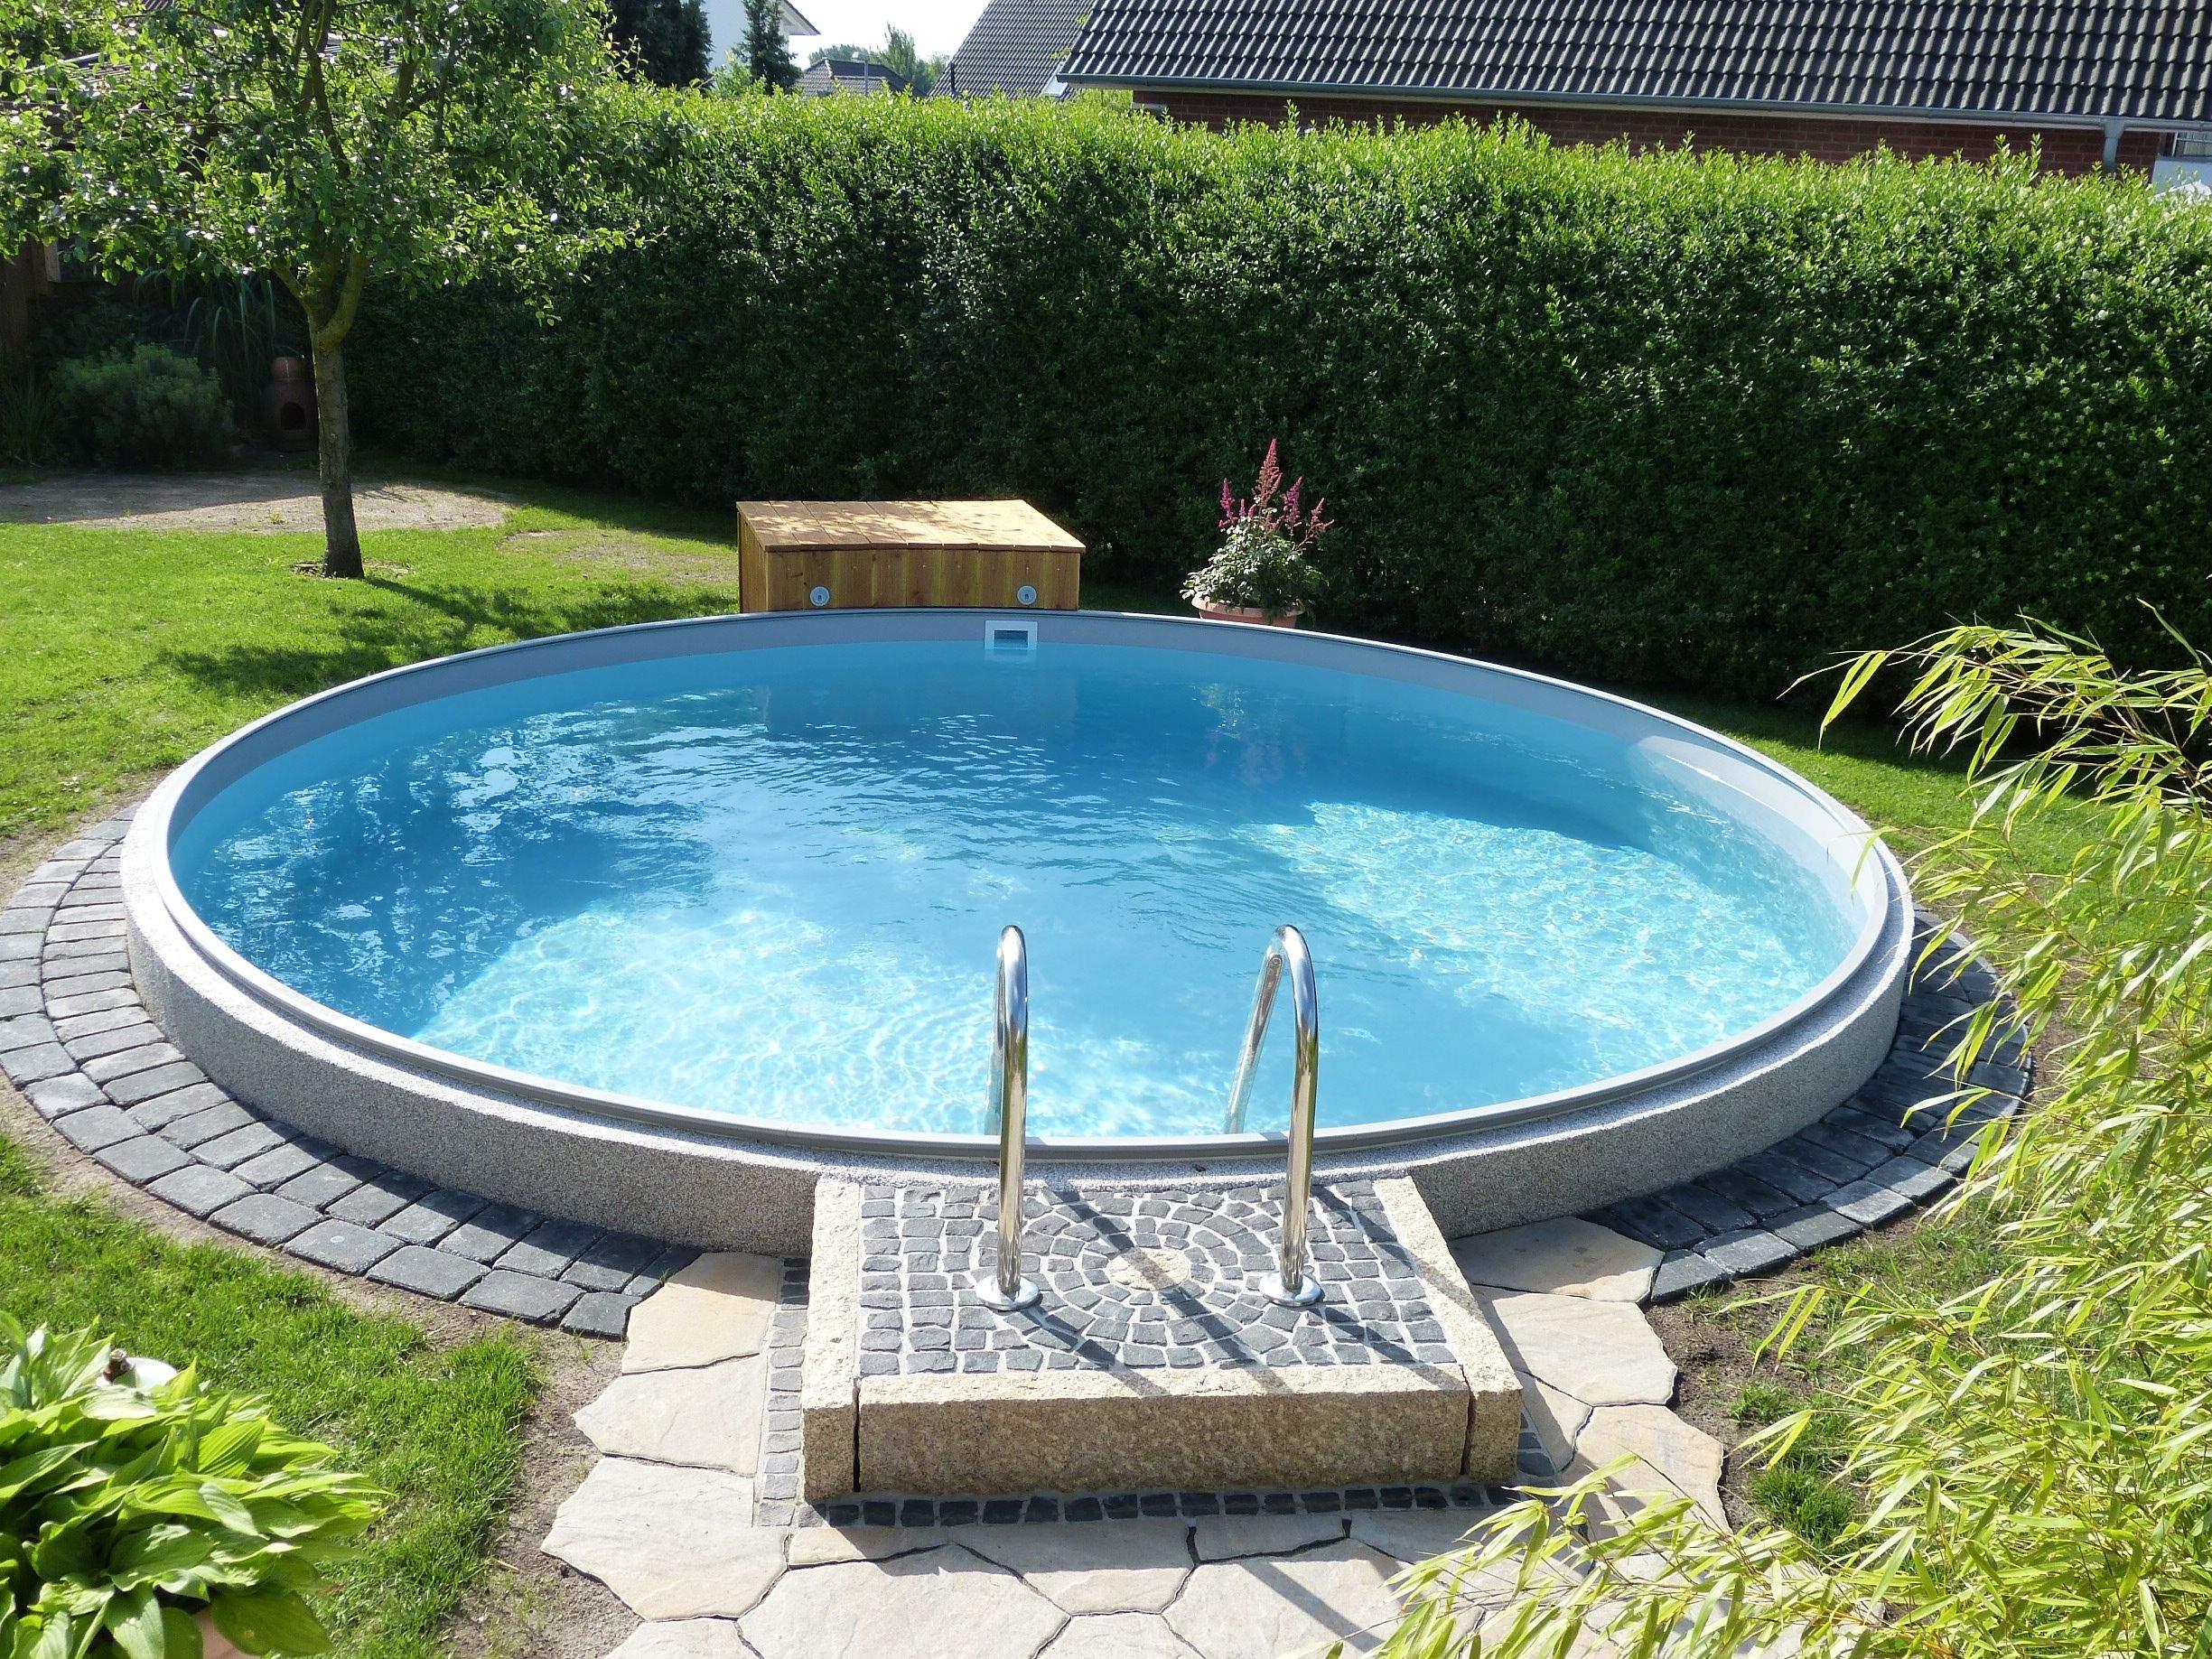 pool im garten bauen das beste von poolakademie bauen sie ihren pool selbst wir helfen of pool im garten bauen